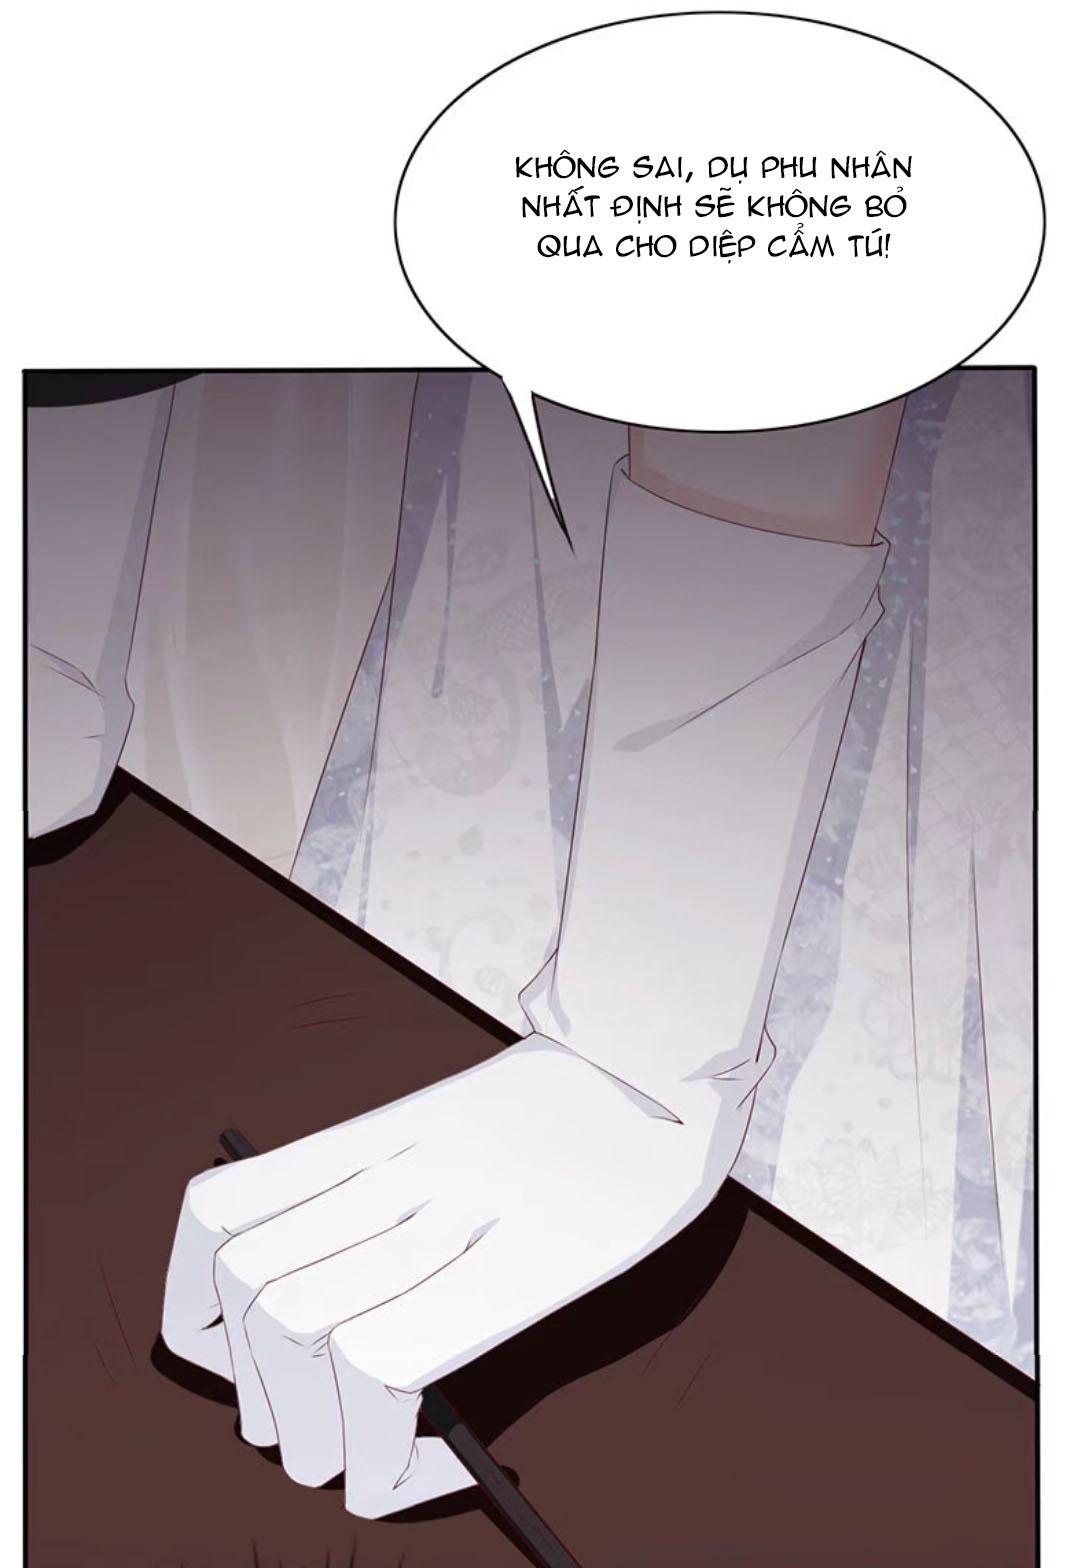 Cưng Chiều Vợ Cũ: Lão Bà Đại Nhân Thật Mê Người chap 98 - Trang 4